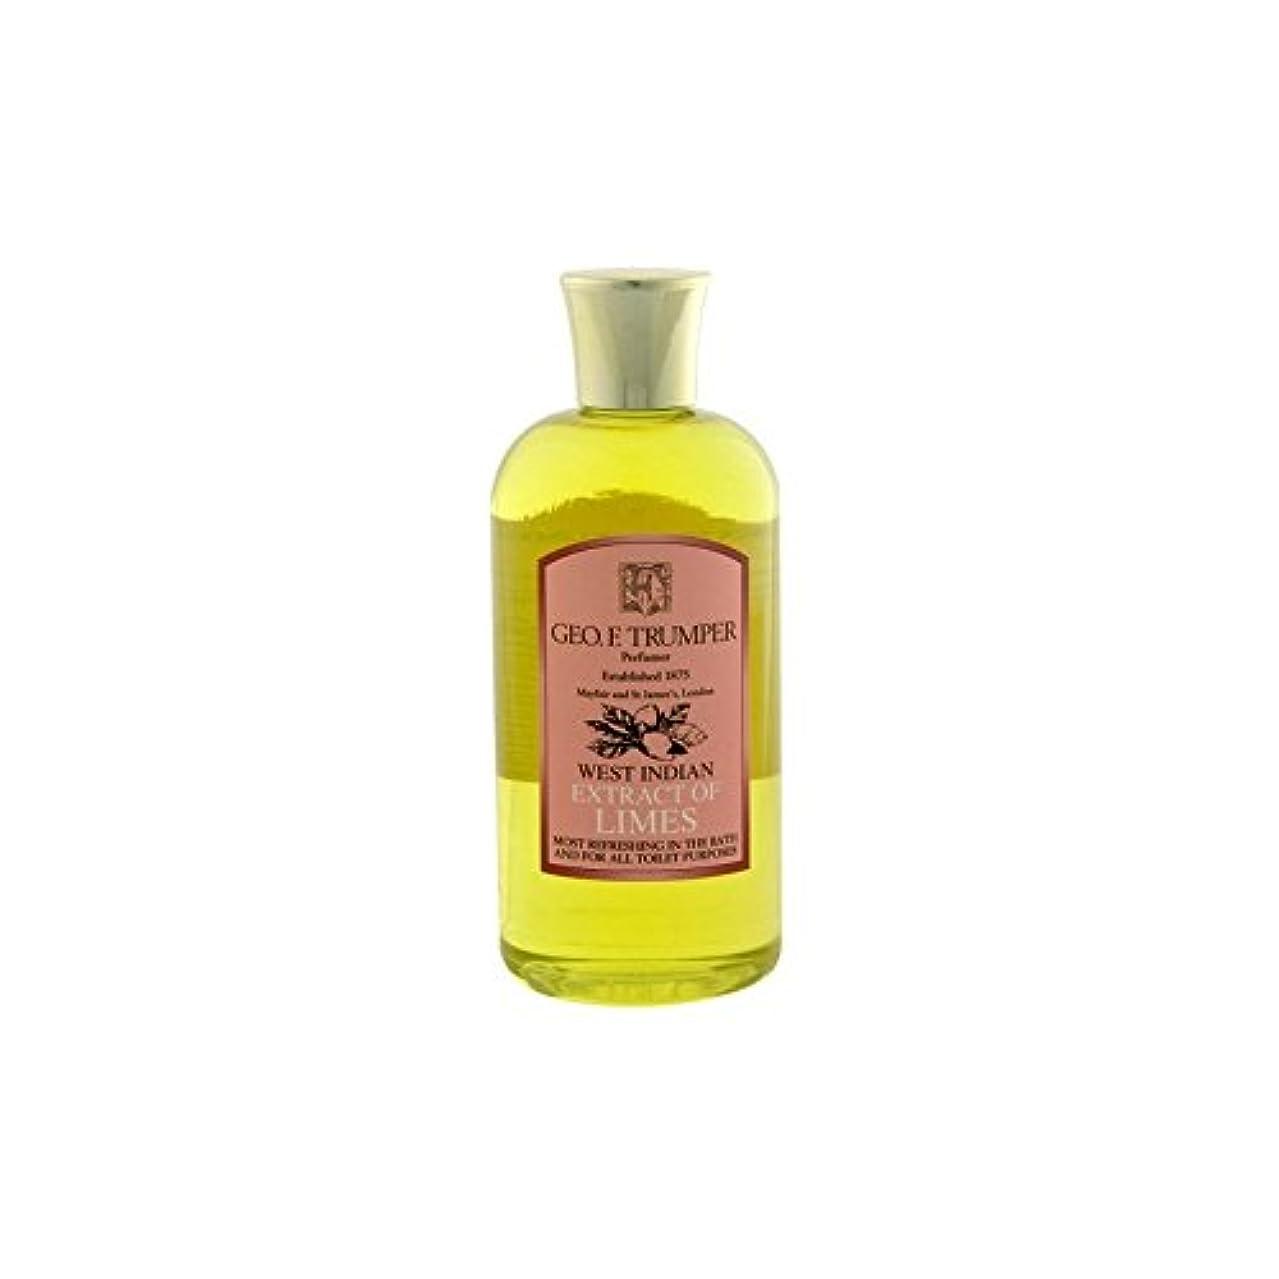 変更ピボット解明ライムのバス&シャワージェル - 500ミリリットル旅 x2 - Trumpers Limes Bath & Shower Gel - 500ml Travel (Pack of 2) [並行輸入品]